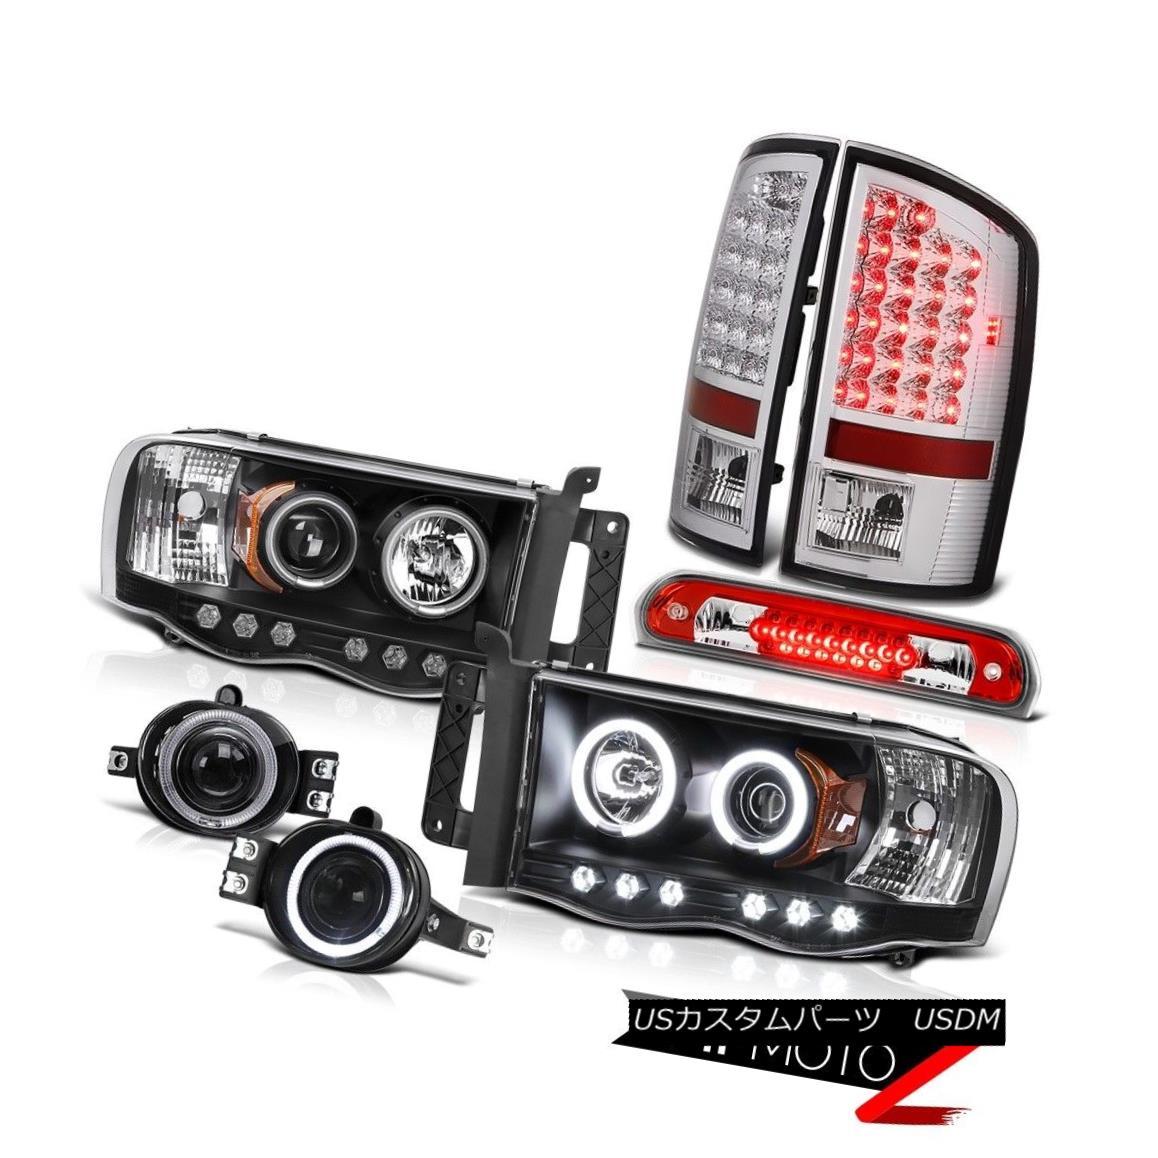 テールライト 02 03 04 05 Ram SLT CCFL Projector Headlights LED Tail Lights Halo Fog RED Brake 02 03 04 05 Ram SLT CCFLプロジェクターヘッドライトLEDテールライトHalo Fog RED Brake